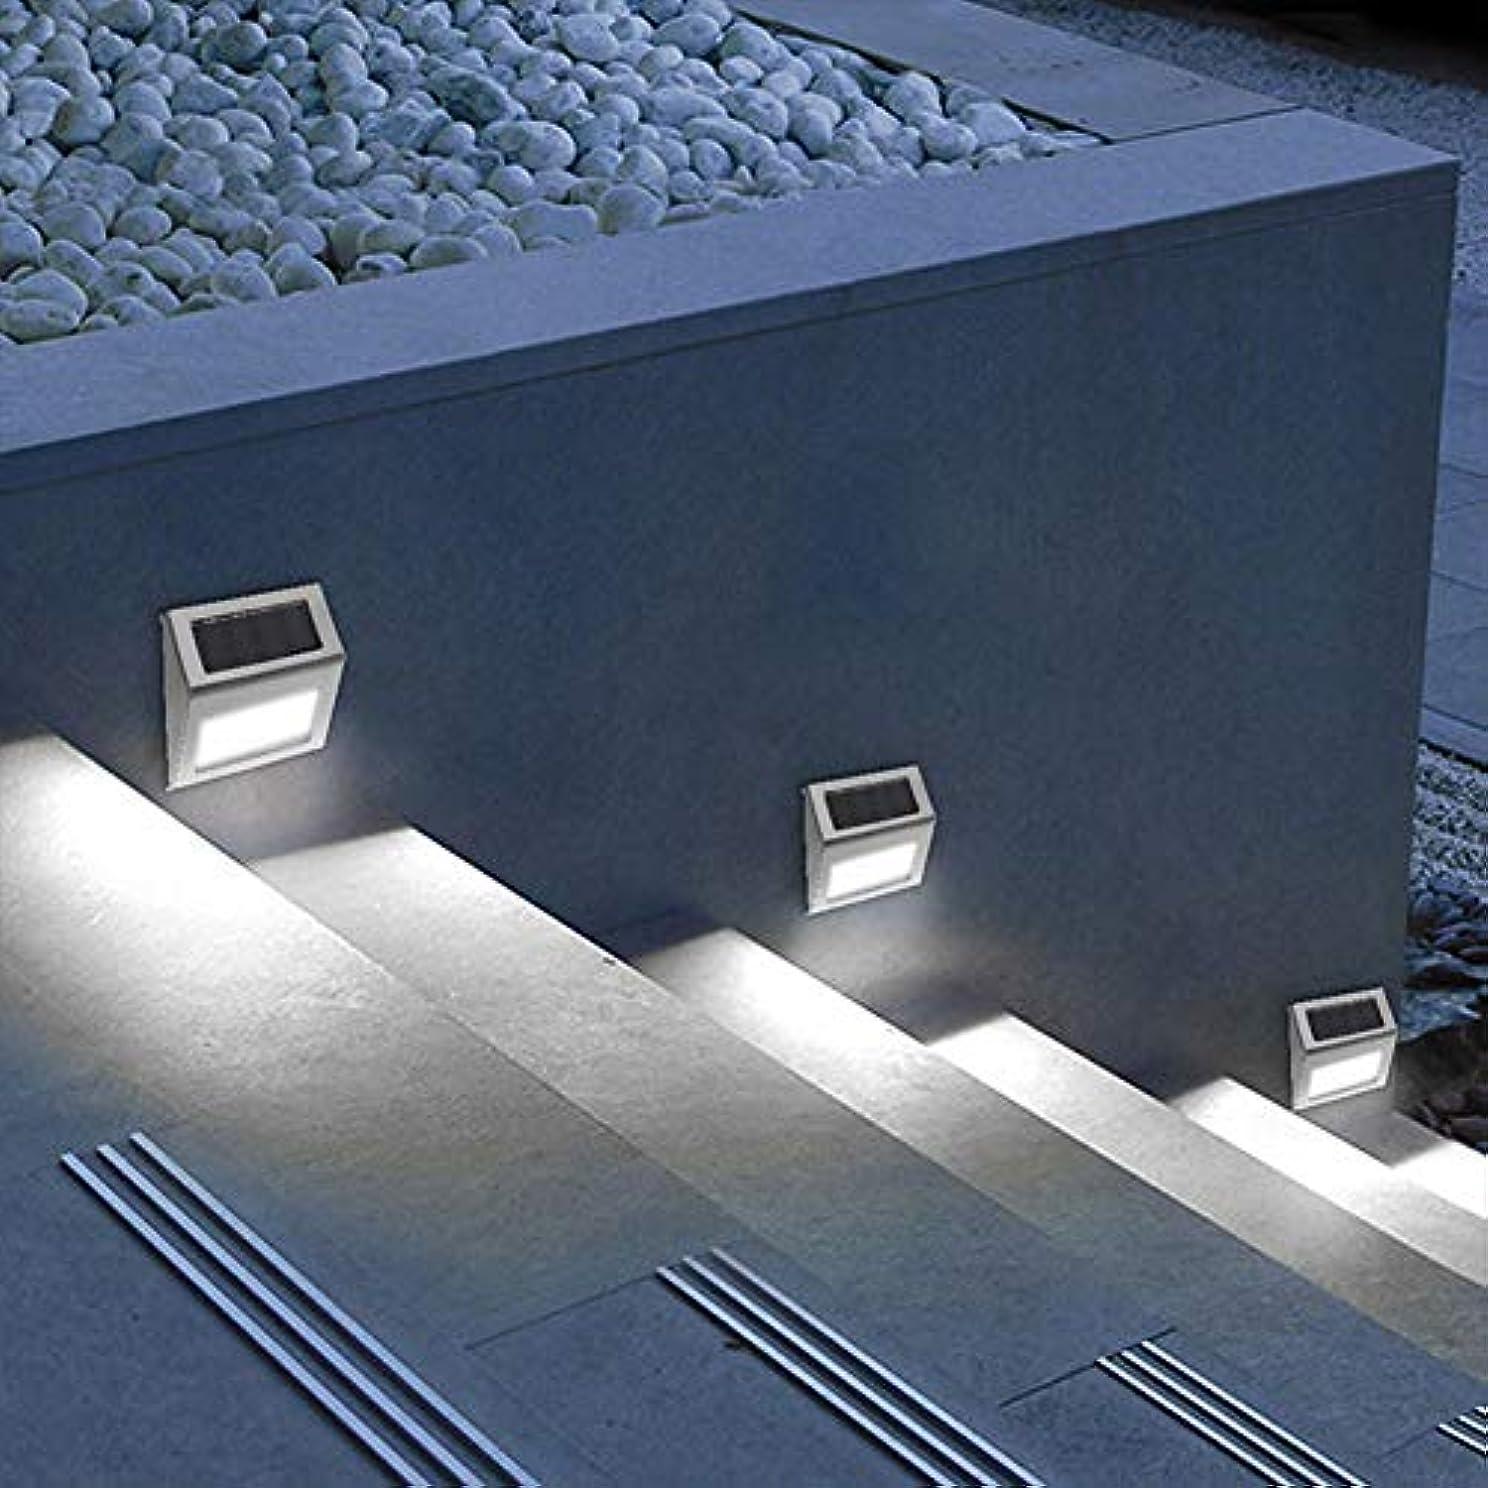 神学校超越するどちらもKlcclmki 6個セット ソーラー階段ライト 屋外防水 センサーライト足元ライト 玄関ライト フットライト アルミ素材 夜間自動点灯 ガーデン/玄関/廊下/軒先/表札照明 足元灯 安全保護(白色光)